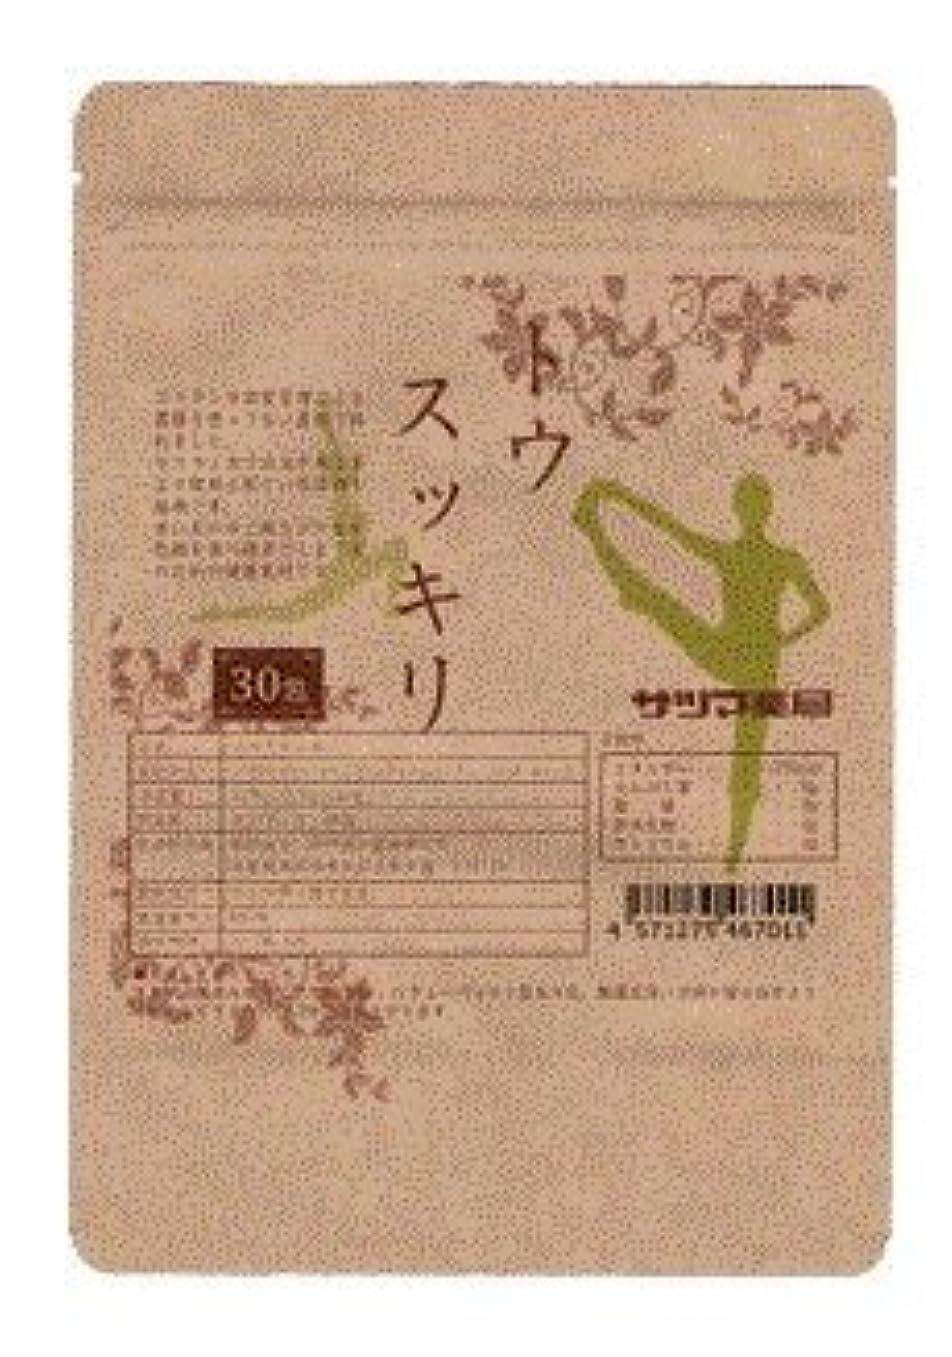 凍結がんばり続ける仮装〔サツマ薬局〕 トウスッキリ 高濃度コタラヒム茶(ティーパック) 30包